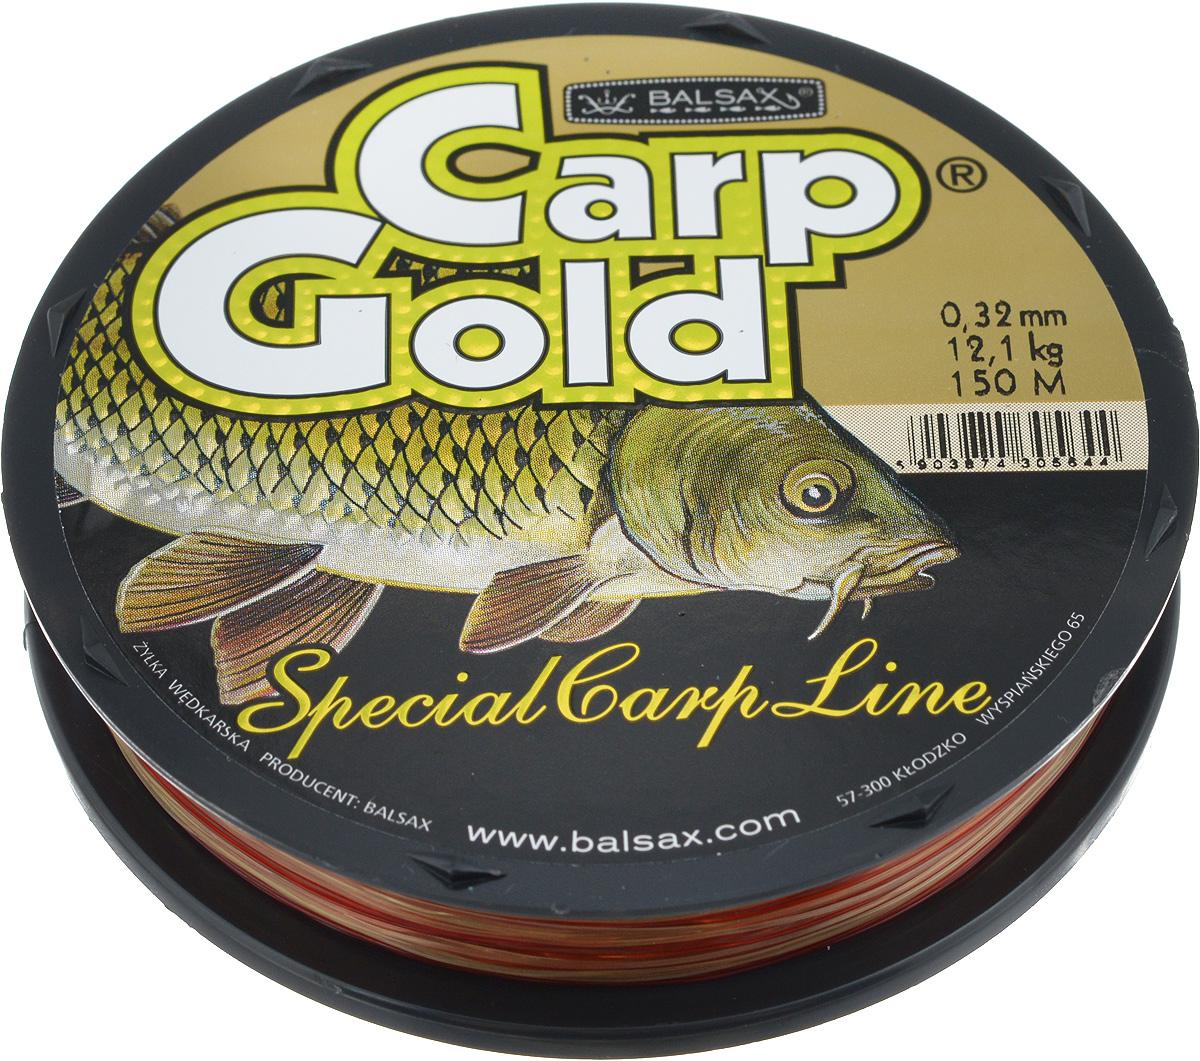 Леска Balsax Gold Carp, 150 м, 0,32 мм, 12,1 кг59276Balsax Gold Carp - это чувствительная леска для крупной рыбы. Отличная сопротивляемость разрыву и контролируемая растяжимость. Превосходно выдерживает на узлах максимальное напряжение, связанное с ловлей крупной рыбы. Благодаря точно подобранным цветам - незаменима при ловли карпа. Такая леска не впитывает воду и маловосприимчива к солнечным лучам.